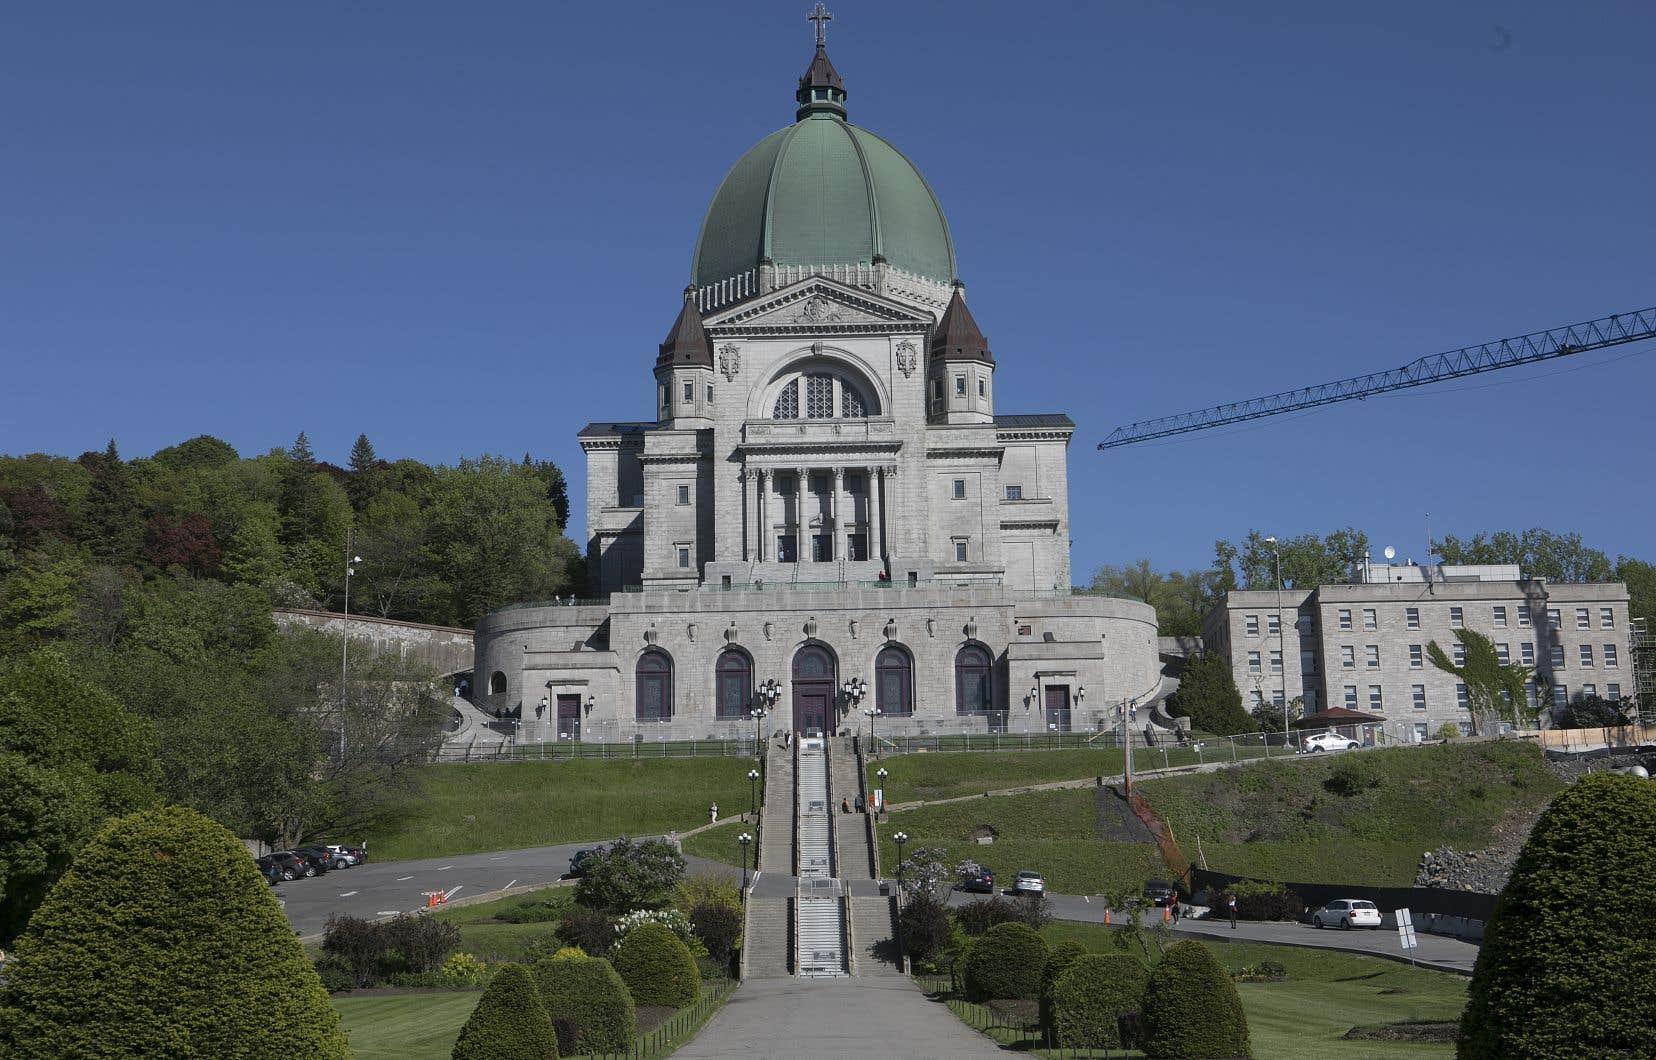 En matière de tourisme, l'oratoire occupe la deuxième place du podium montréalais des lieux les plus fréquentés, après le casino.